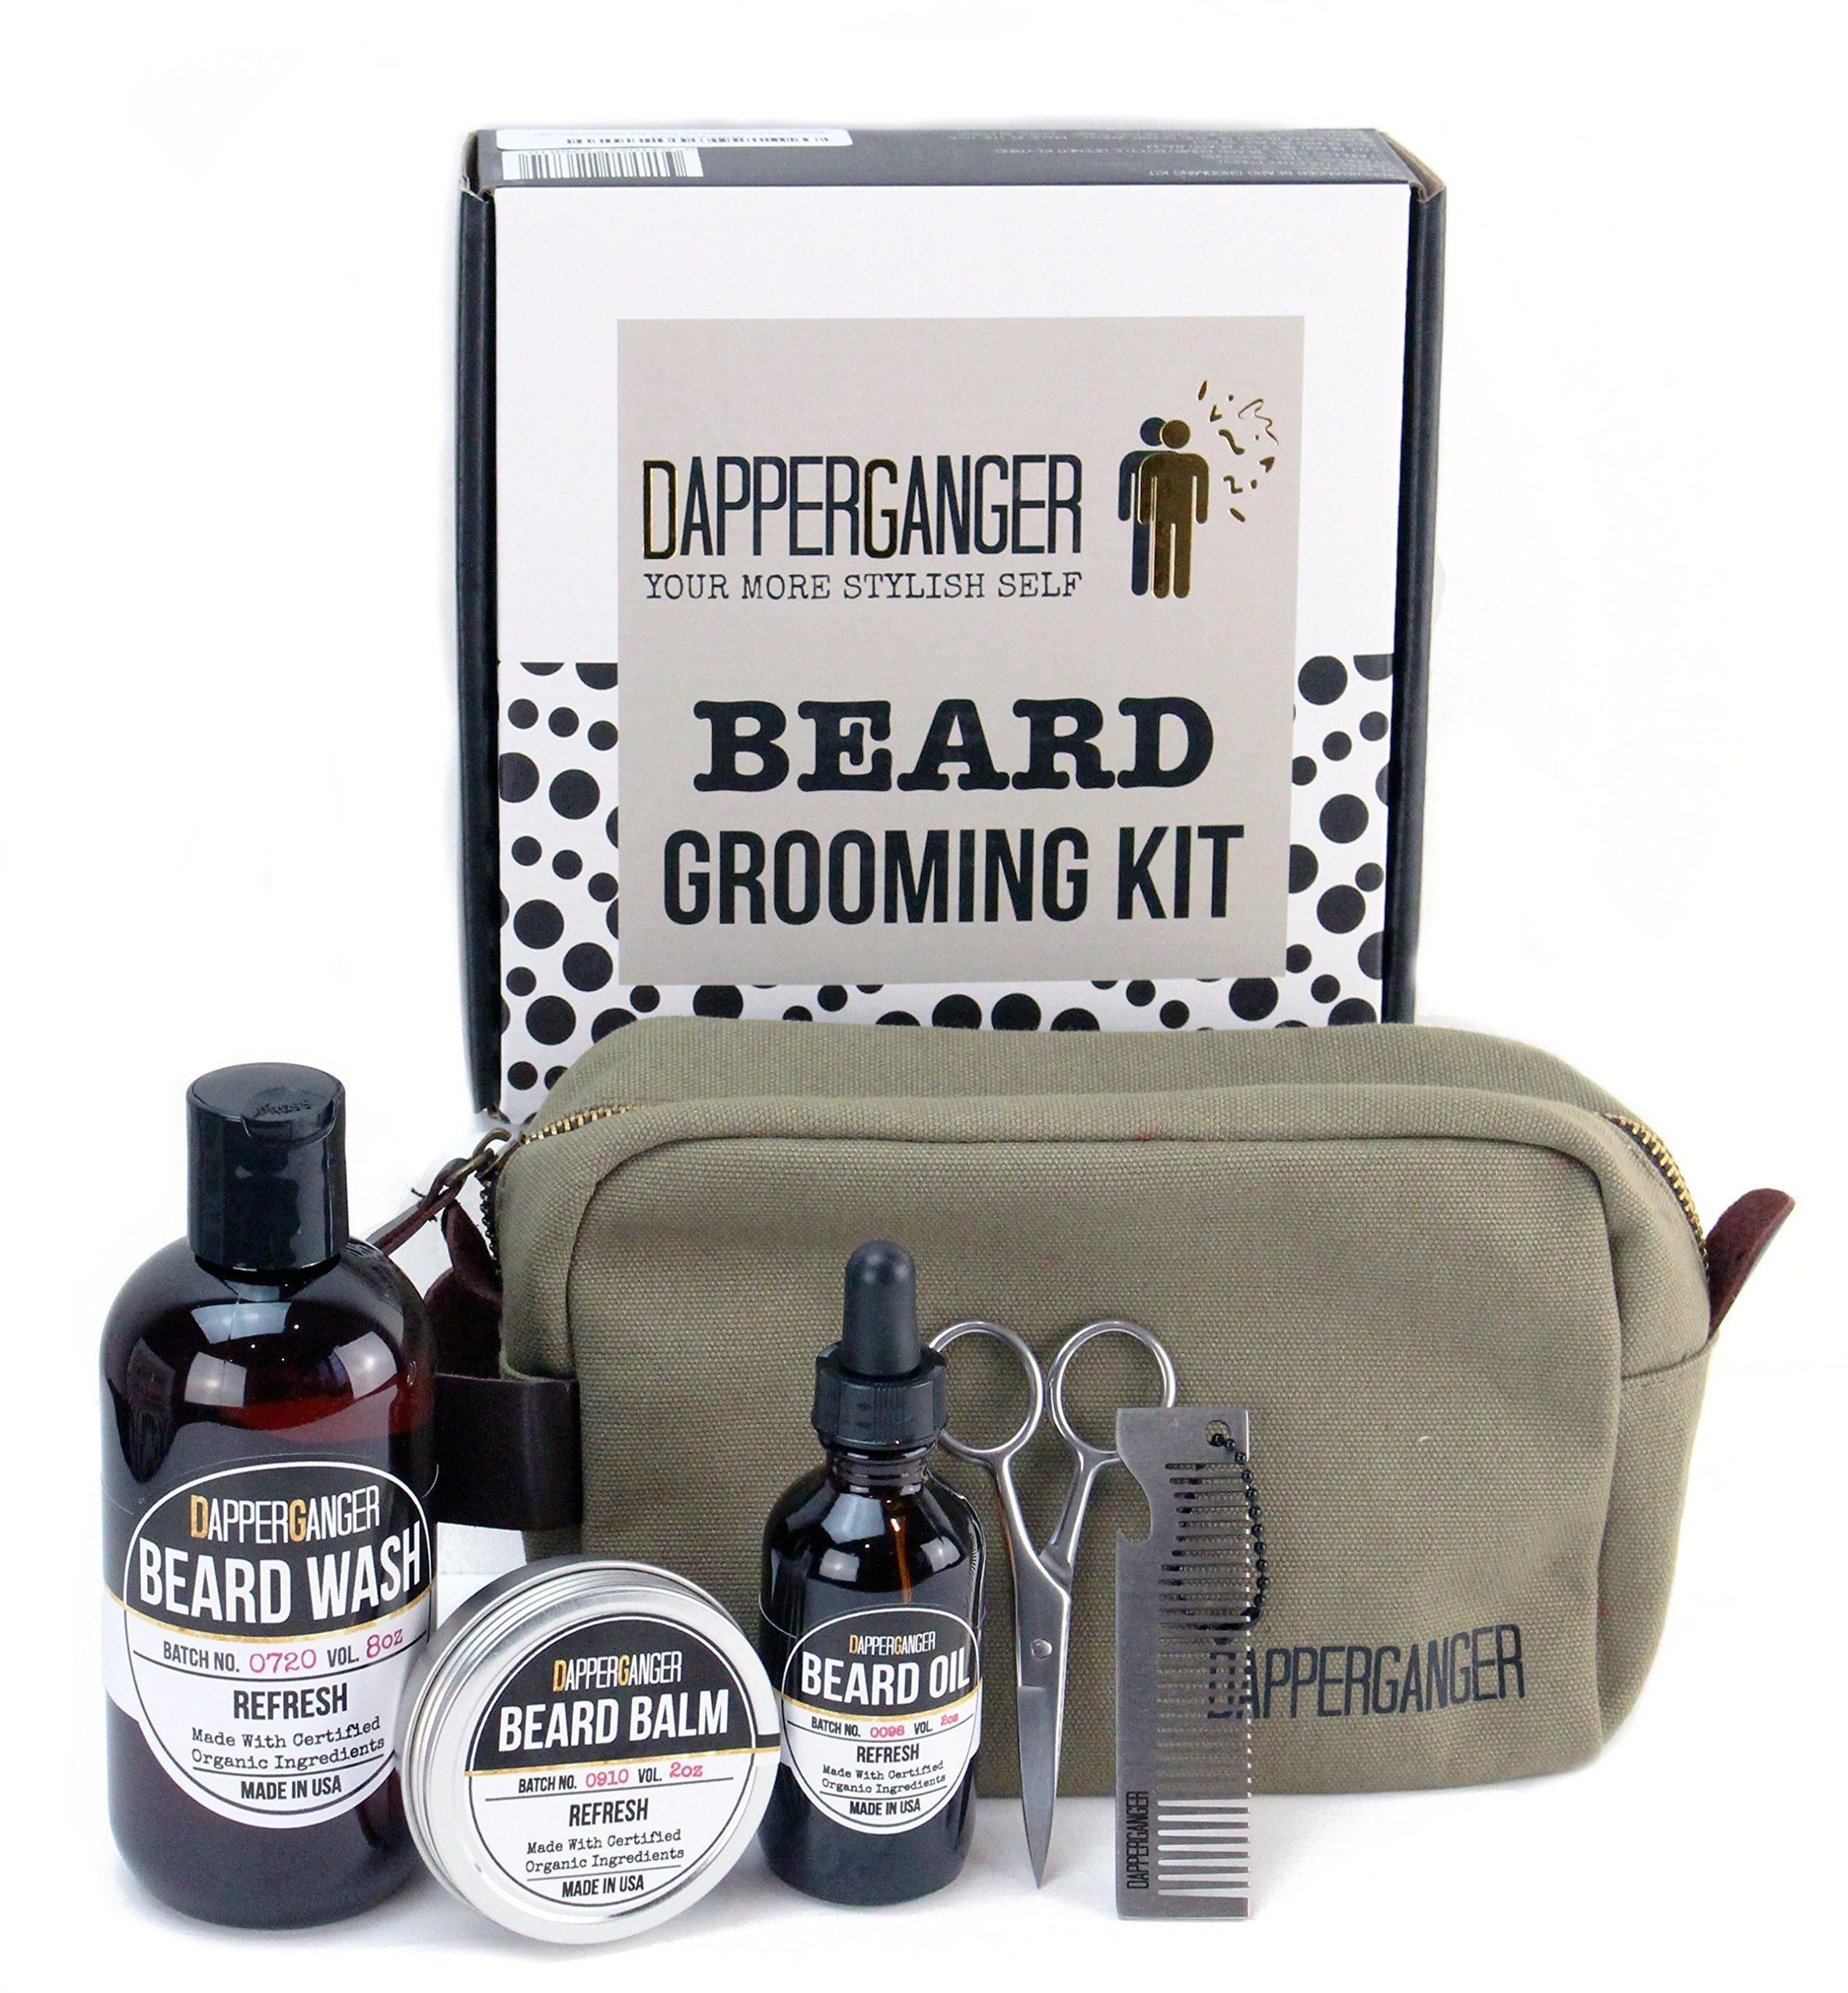 Beard Kit - Ultimate Mens Grooming Kit- Premium Beard Care Kit & Beard Grooming Kit Best Gift for Men - Great Smelling Gift Set- Eliminates Dandruff & Split Ends - Make Your Beard Look Boss